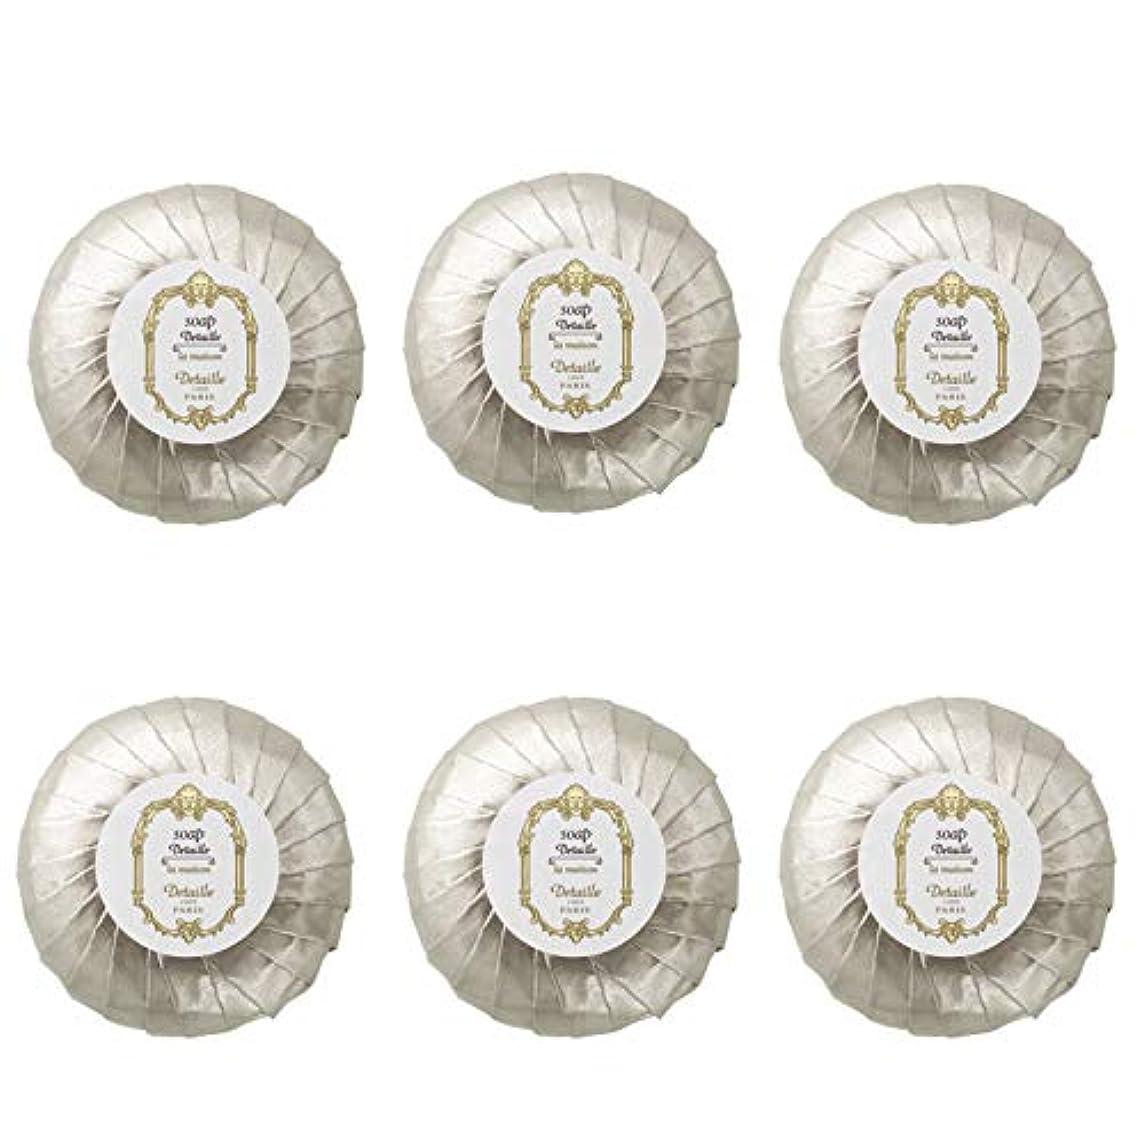 バージン生き残りちょうつがいPOLA デタイユ ラ メゾン スキンソープ 固形石鹸 (プリーツ包装) 50g×6個